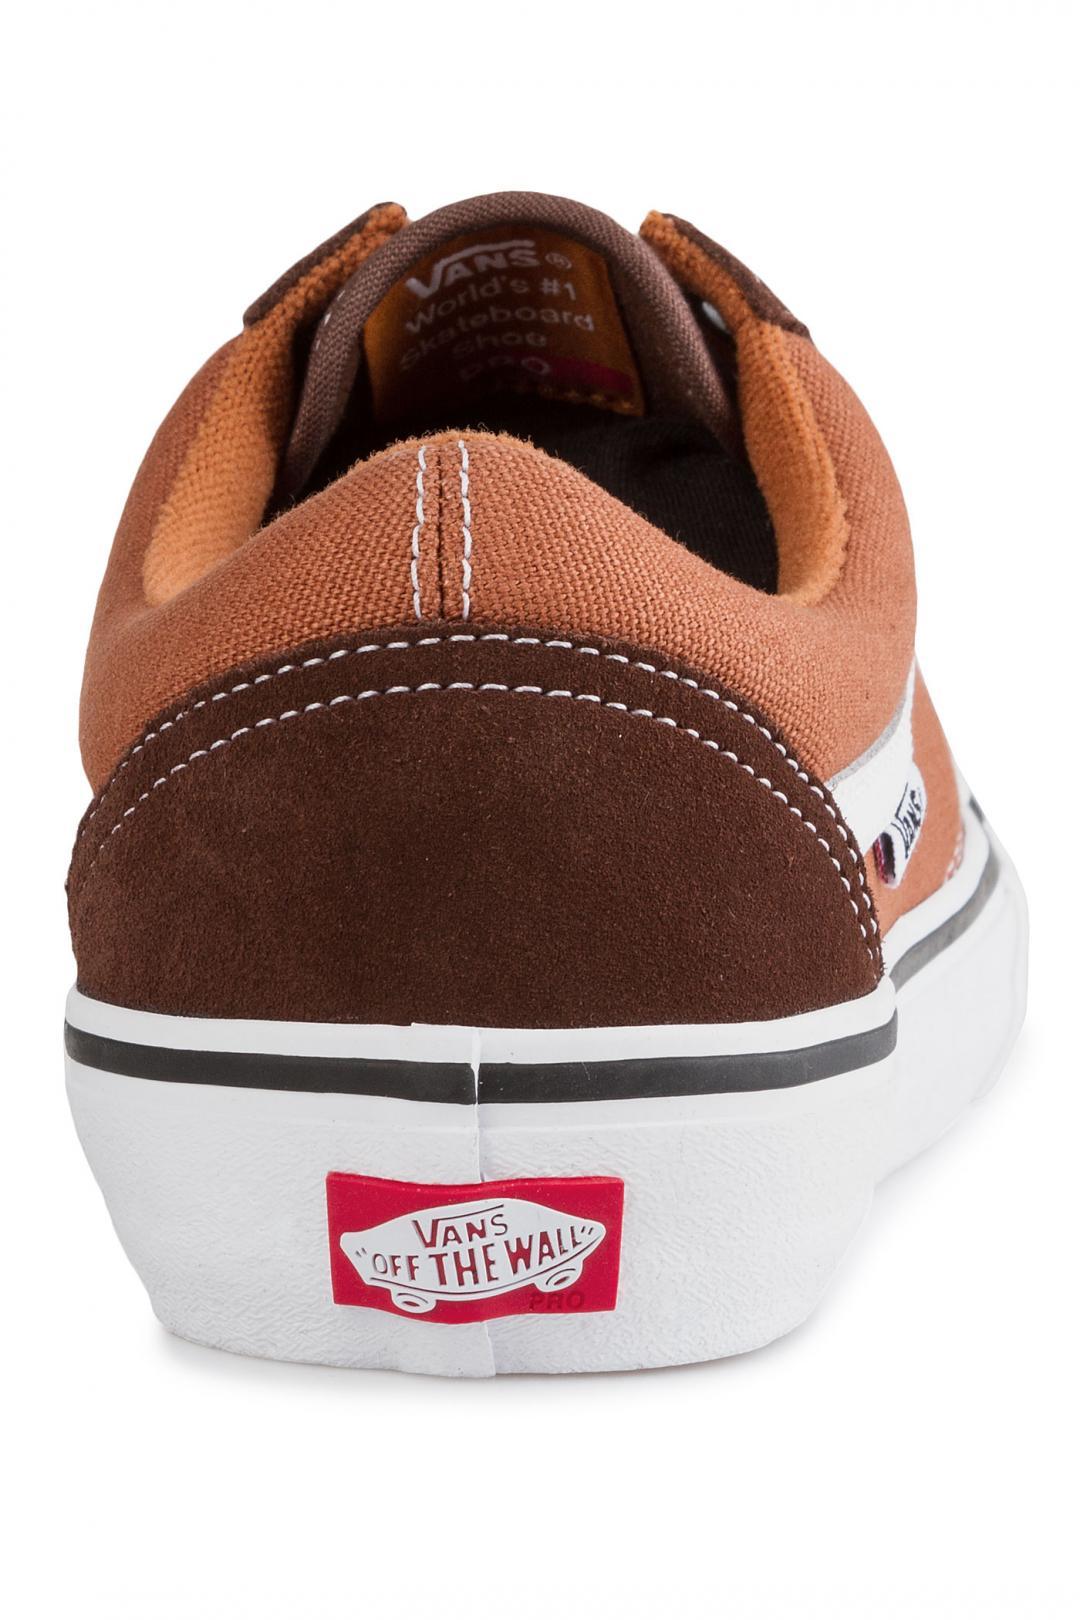 Uomo Vans Old Skool Pro potting soil leather brown   Scarpe da skate